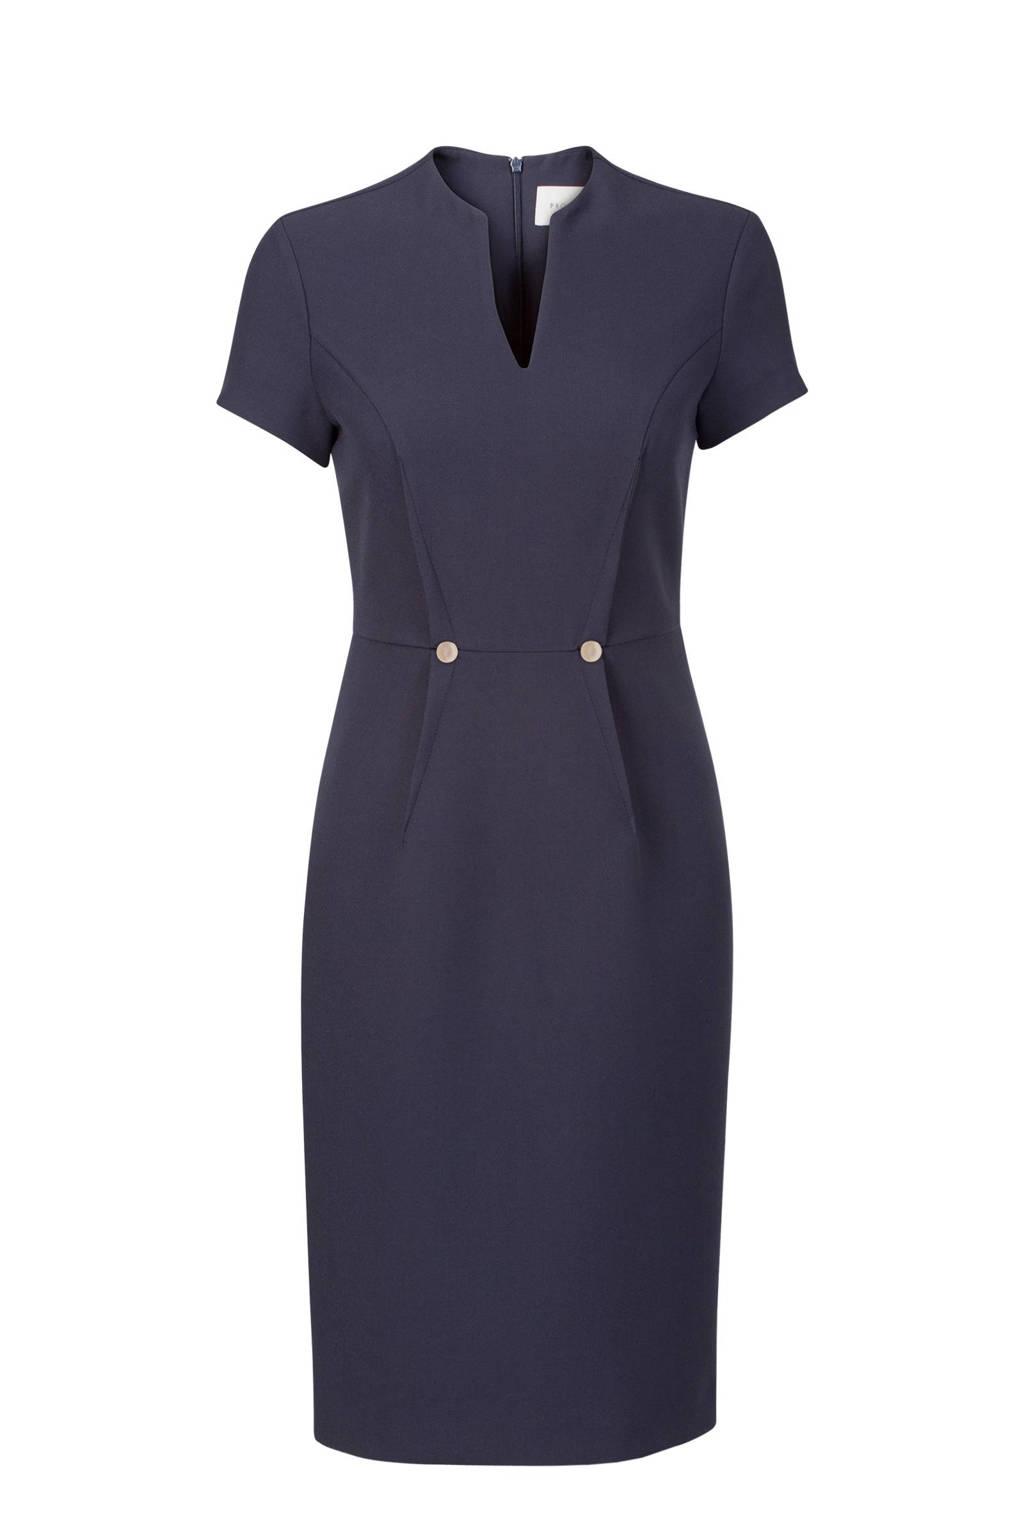 Promiss jurk marineblauw, Marineblauw